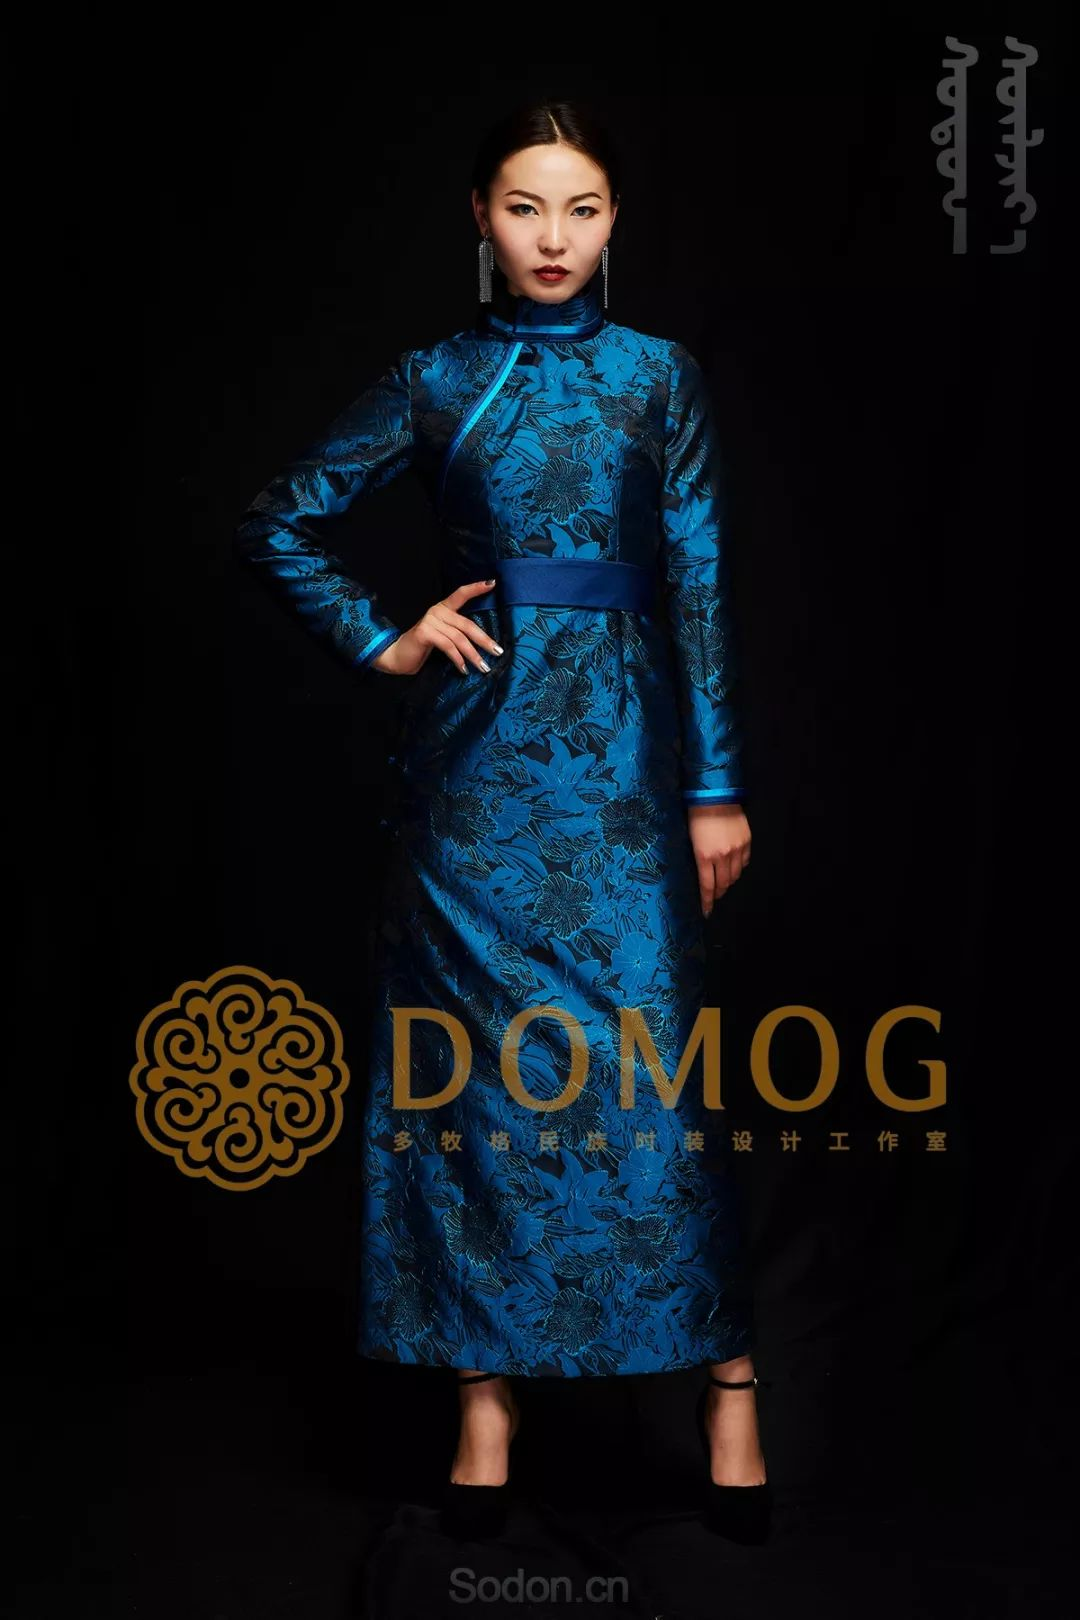 DOMOG蒙古时装绝美秋冬款系列,美出新高度! 第4张